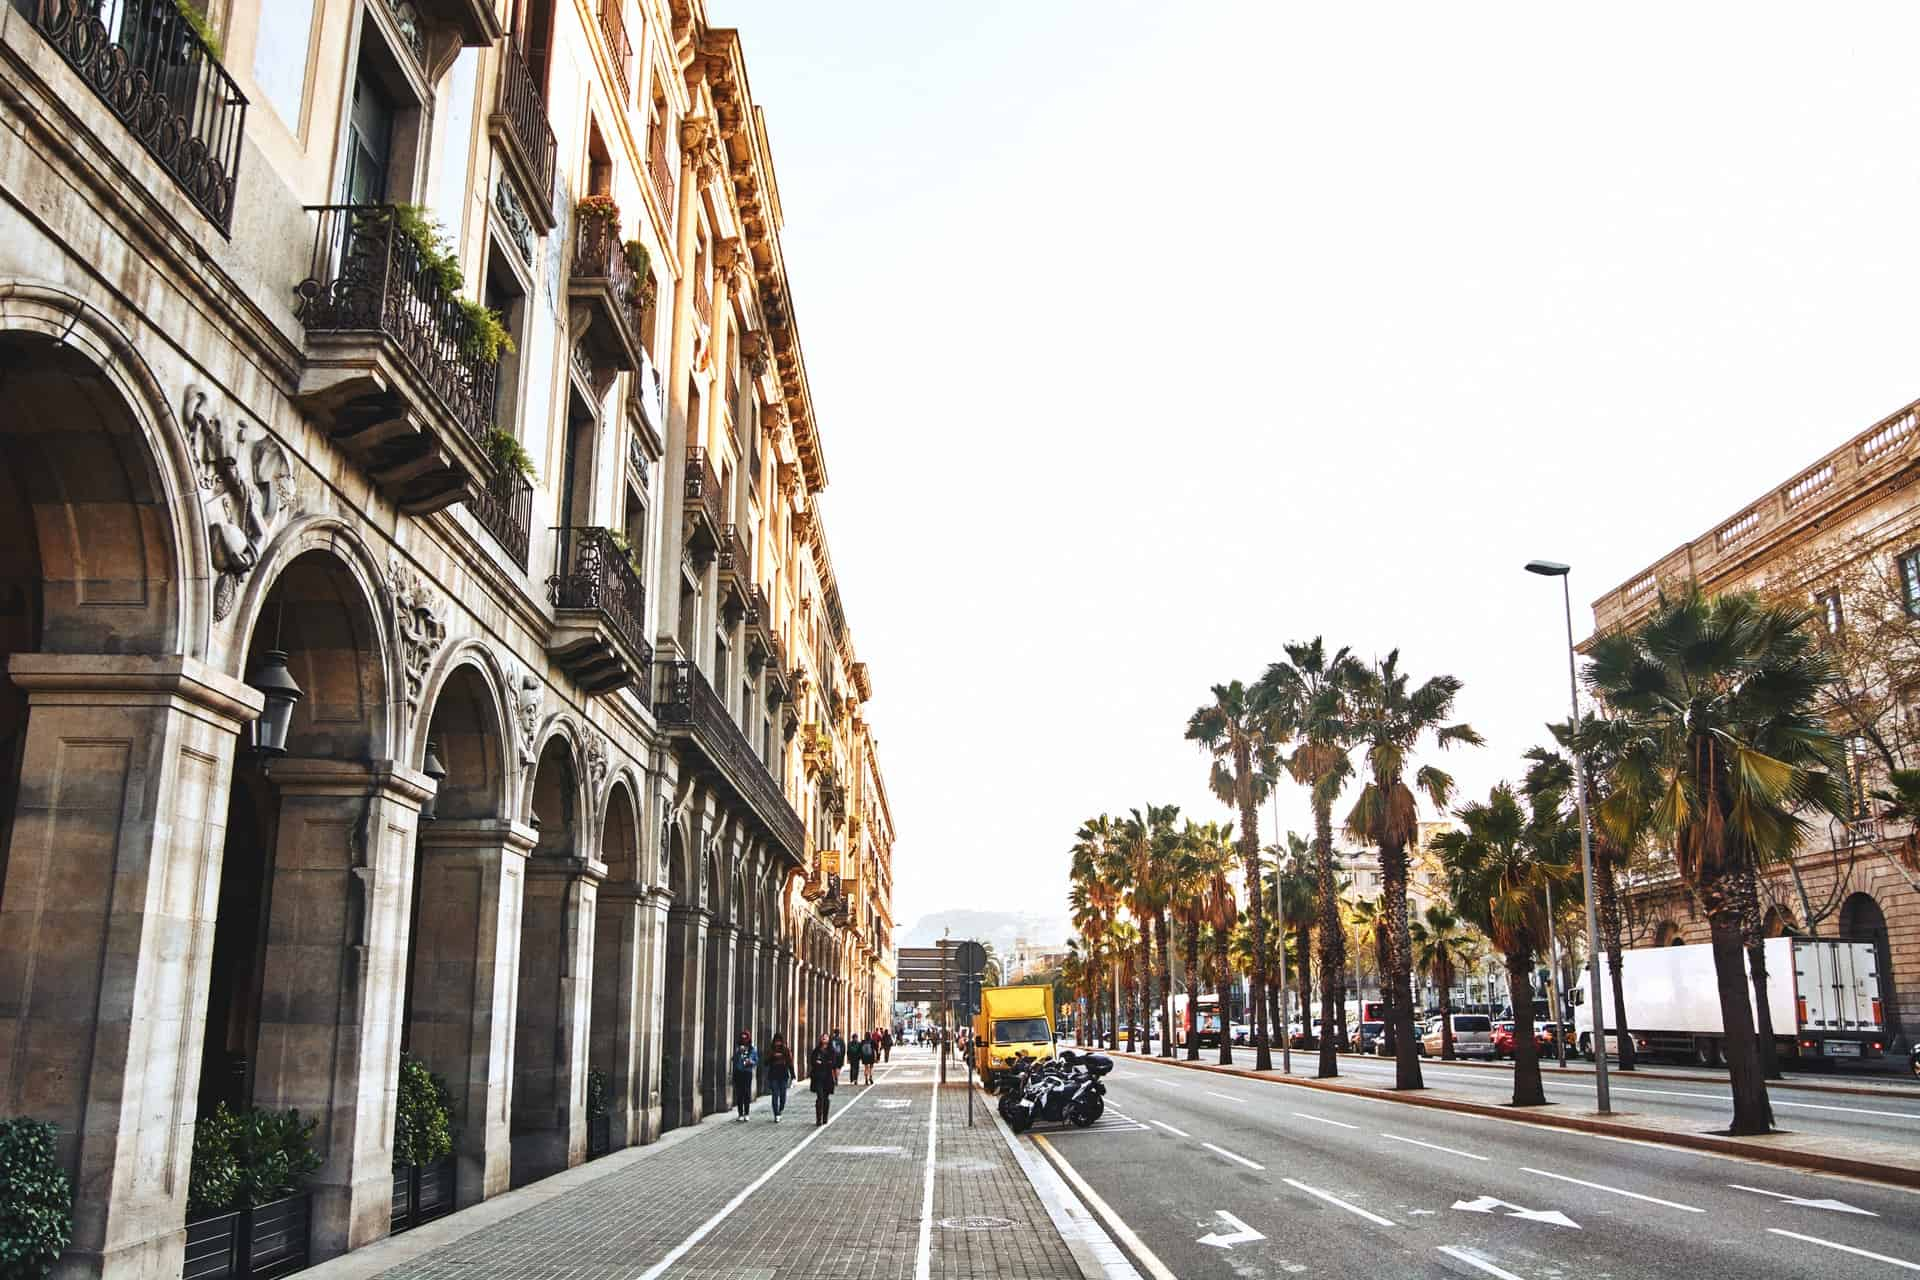 rua de barcelona em espanha